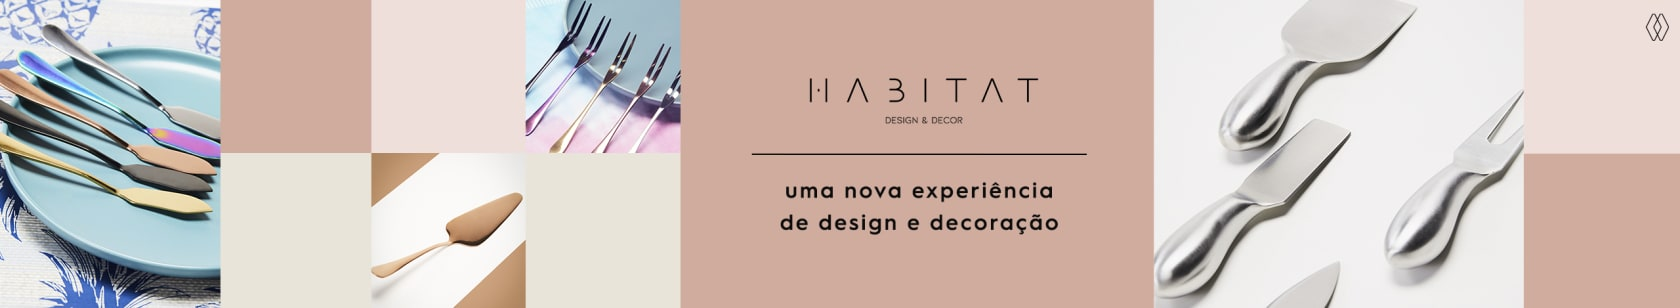 HABITAT DESIGN & DECOR | AMARO